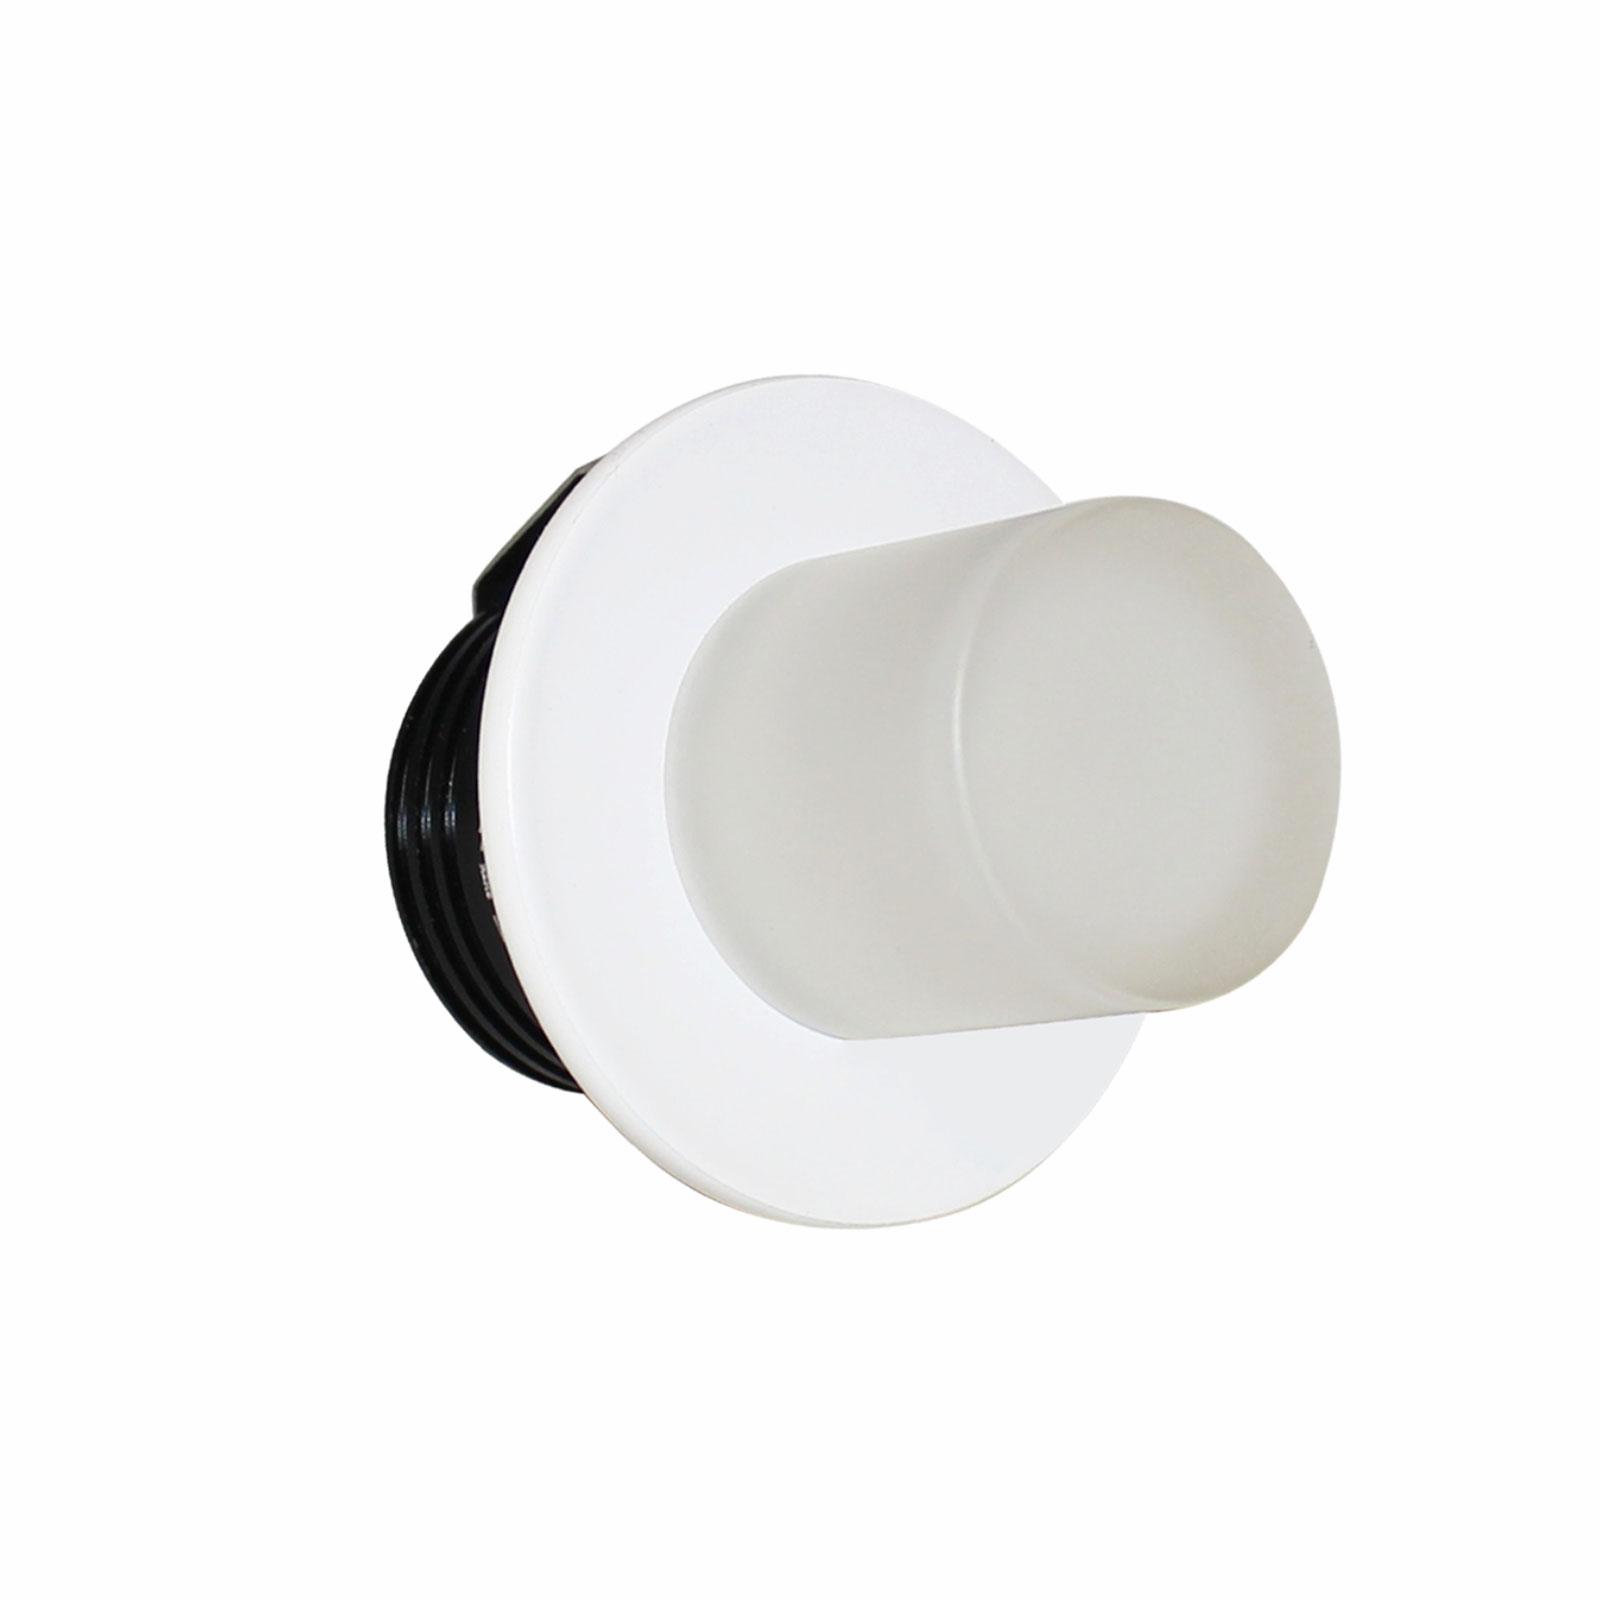 چراغ توکار مینی 3 وات فاین الکتریک مدل FEC-COB-12